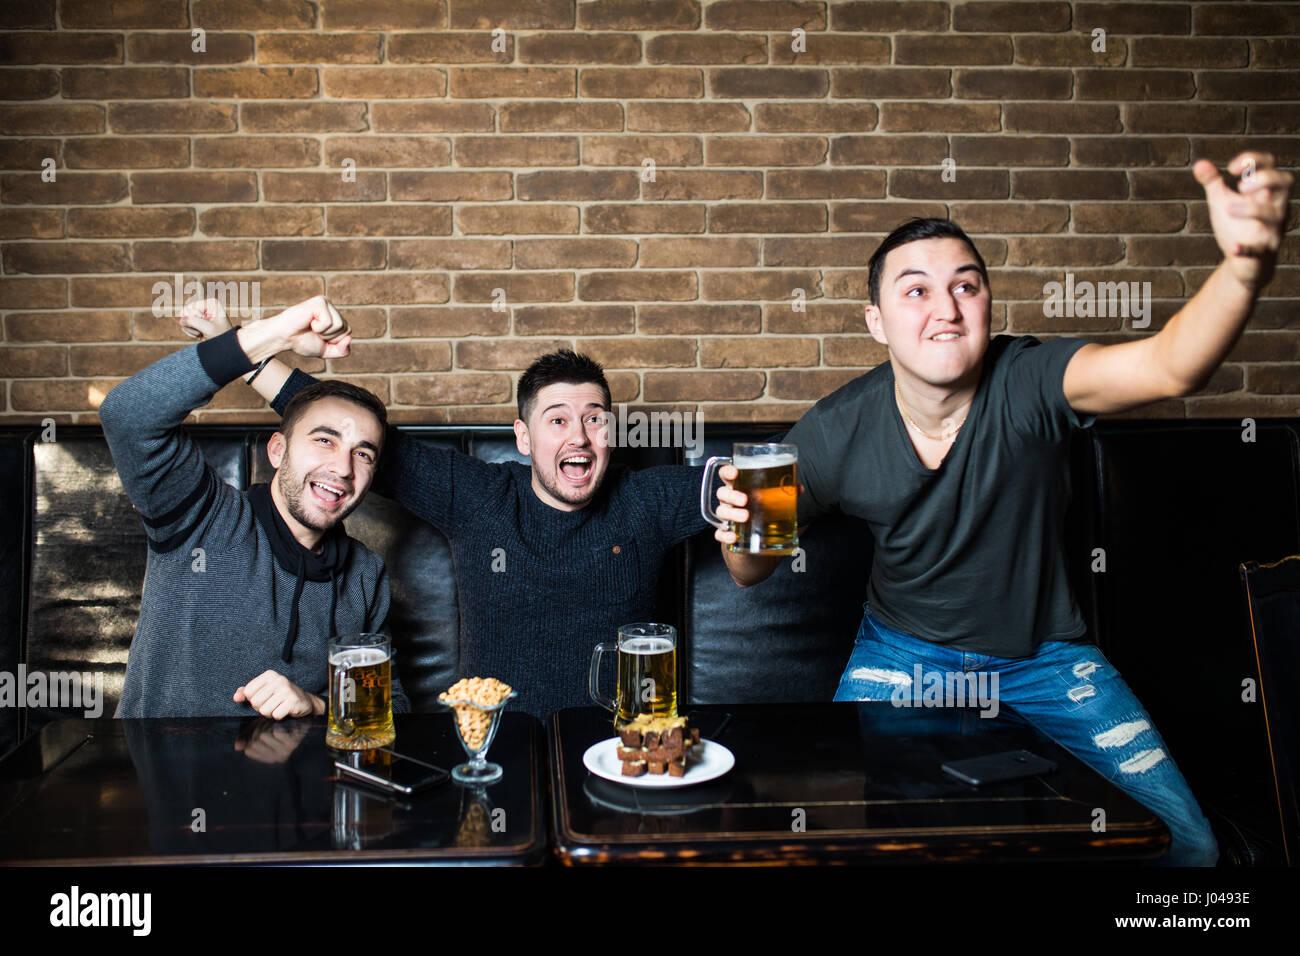 Junge Männer trinken Bier, Essen, Snacks und Jubel für Fußball. Stockbild